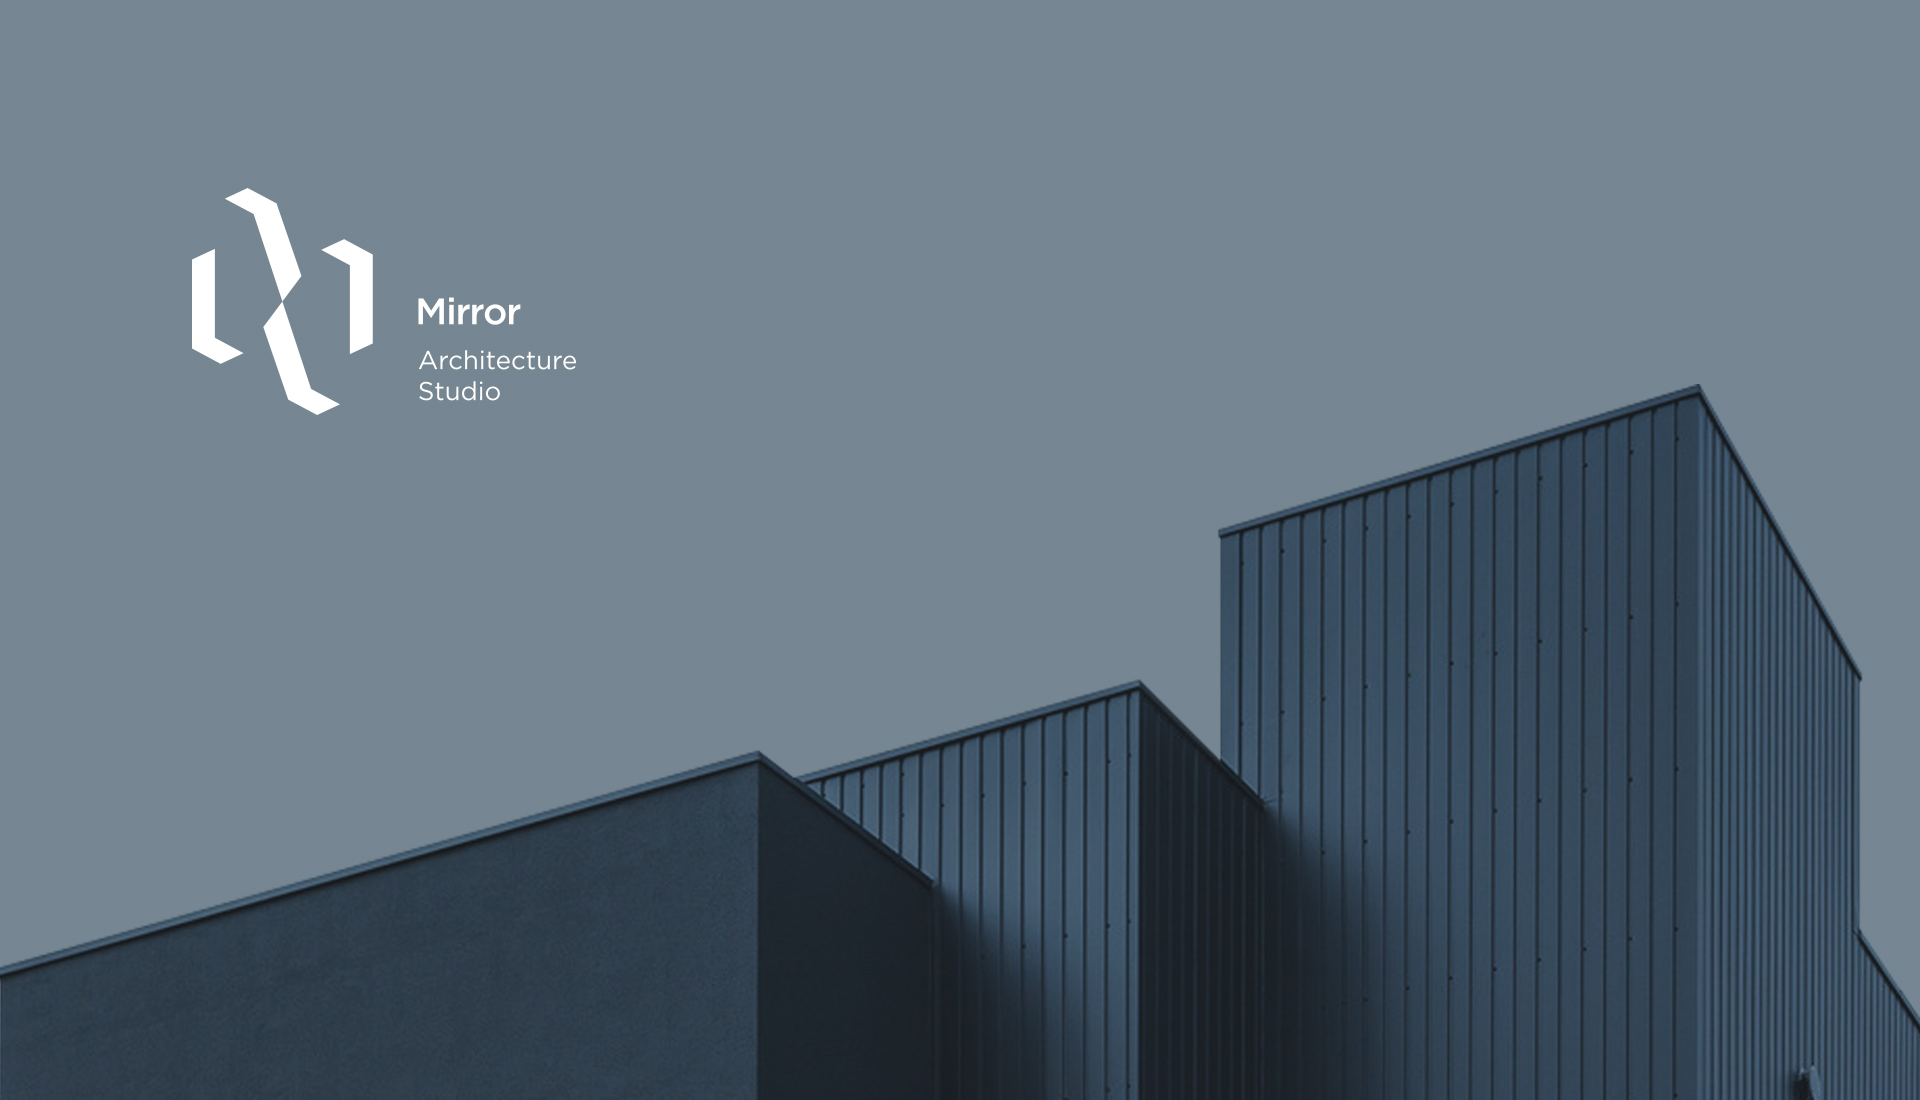 Minimalist Brand Identity for Architecture Studio Mirror